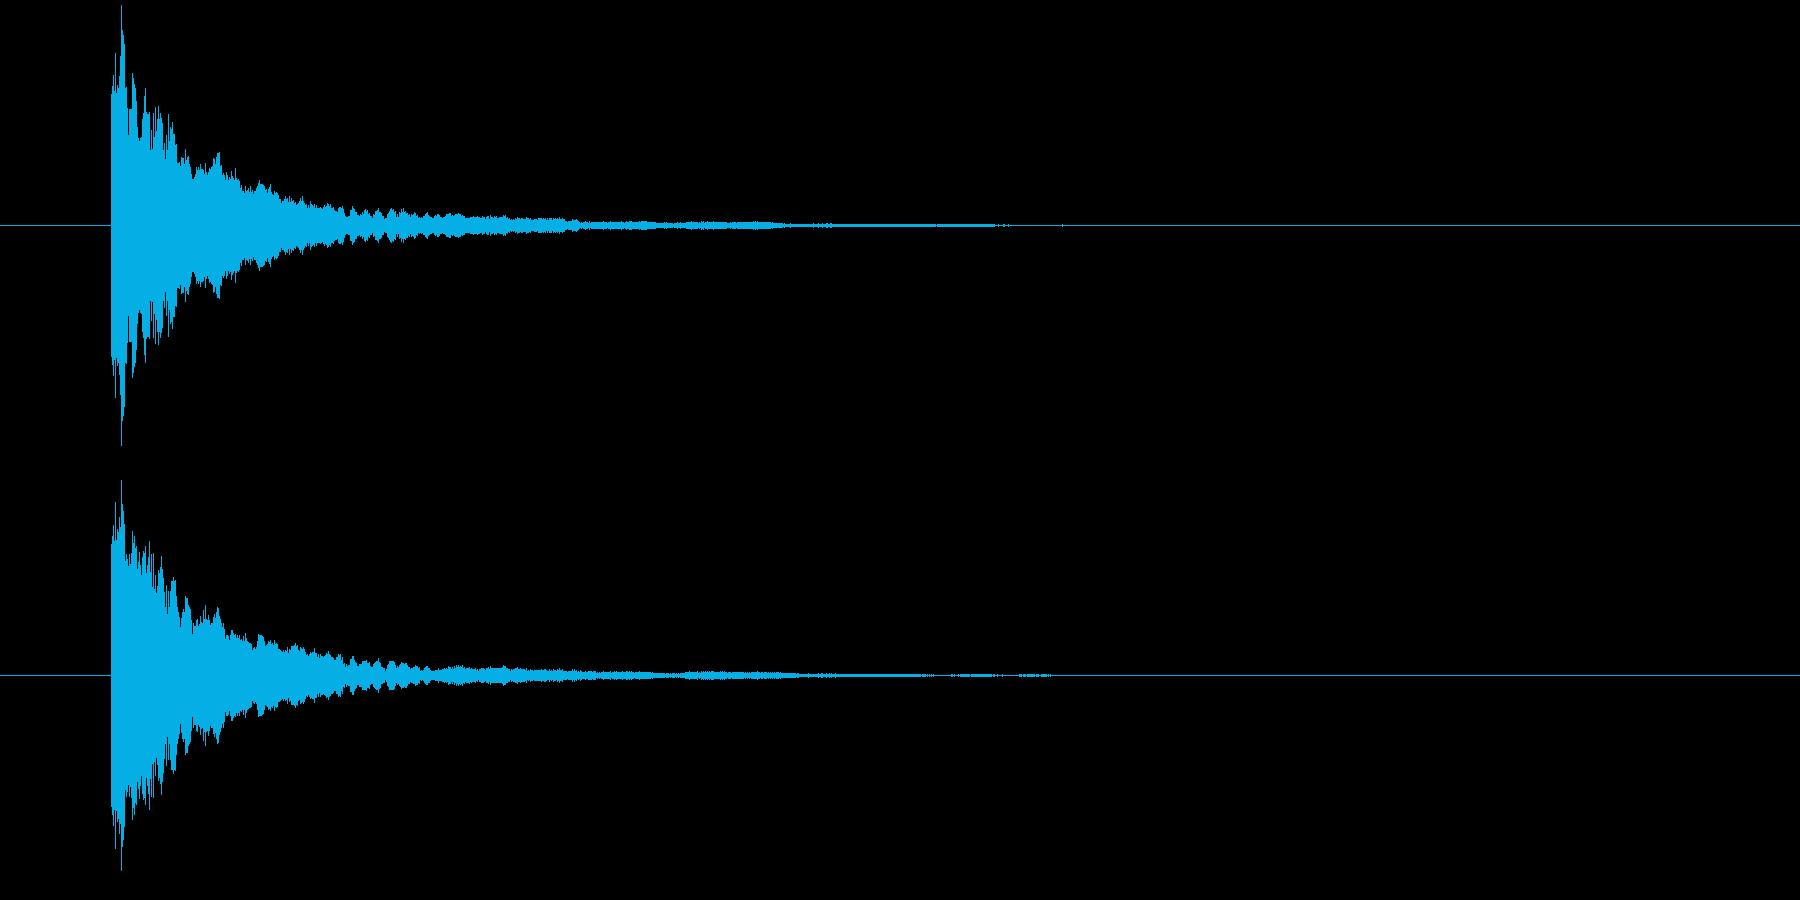 キラーン①(星の輝き・瞬く・きらめく)の再生済みの波形